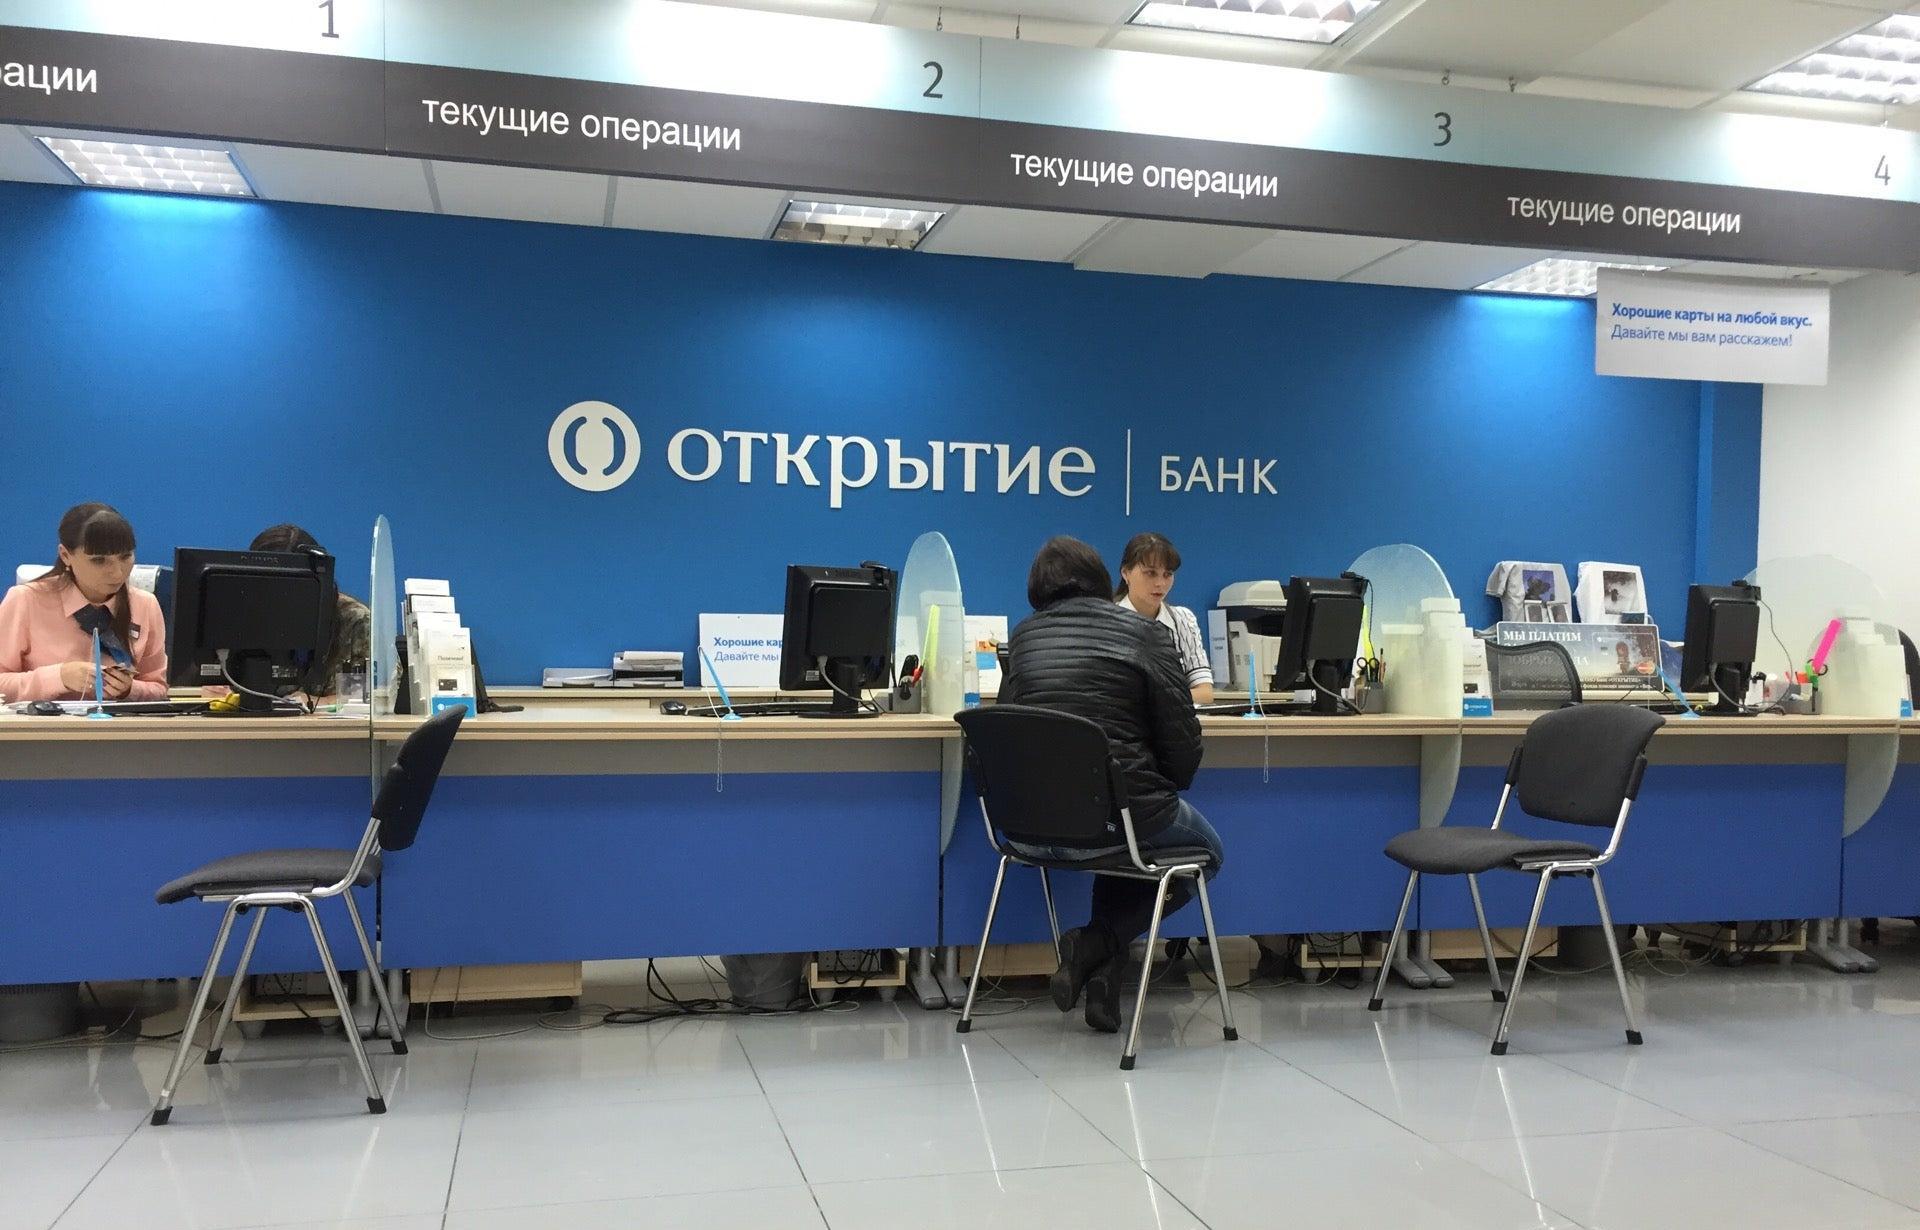 Банк «Открытие» запустил кобрендовые карты MasterCard «Аэрофлот» с повышенным начислением миль и привилегиями в «Шереметьево» - новости Афанасий